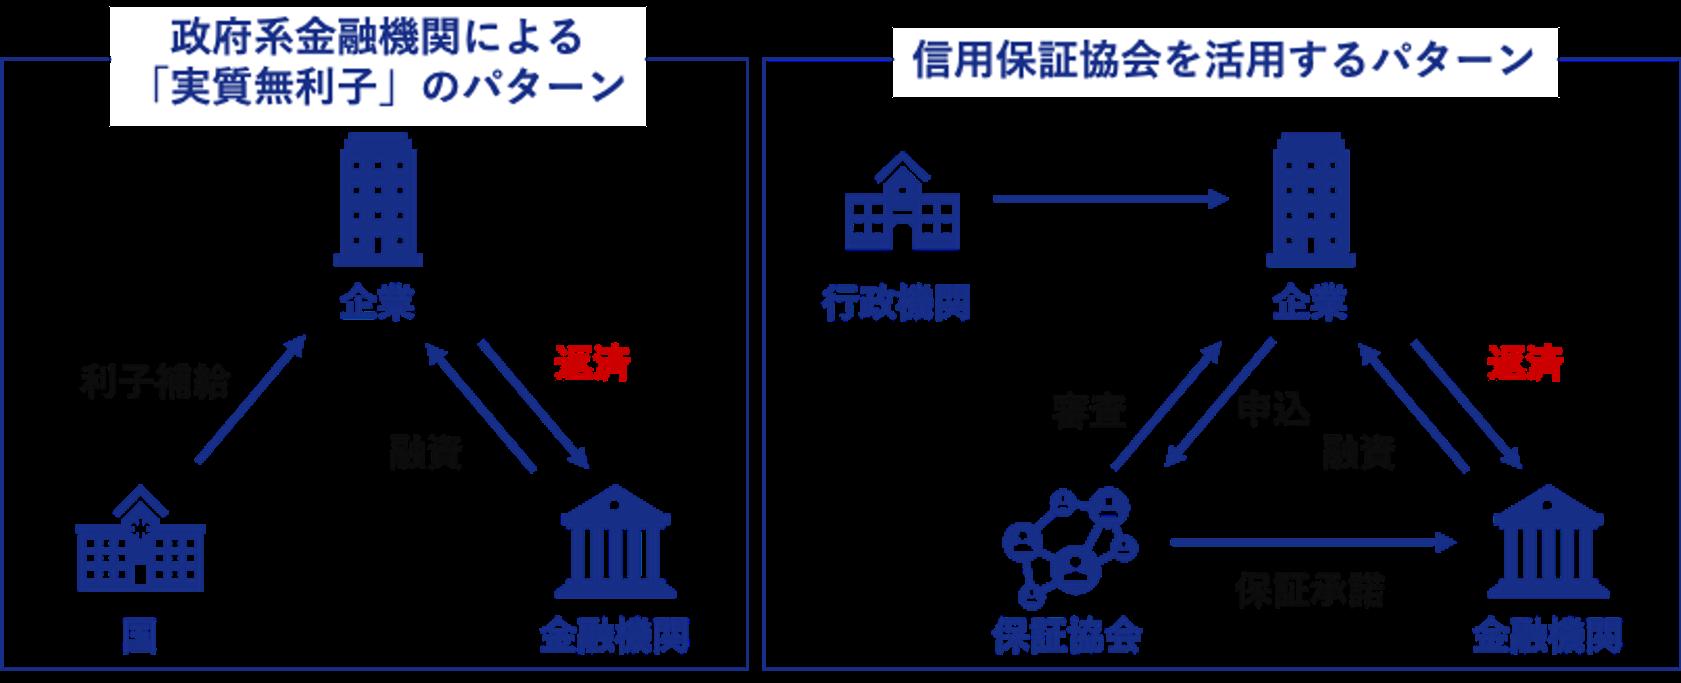 ベンチャーのコロナ対策融資制度 政府系金融機関の実質無利子パターンと信用保証協会パターンの違い